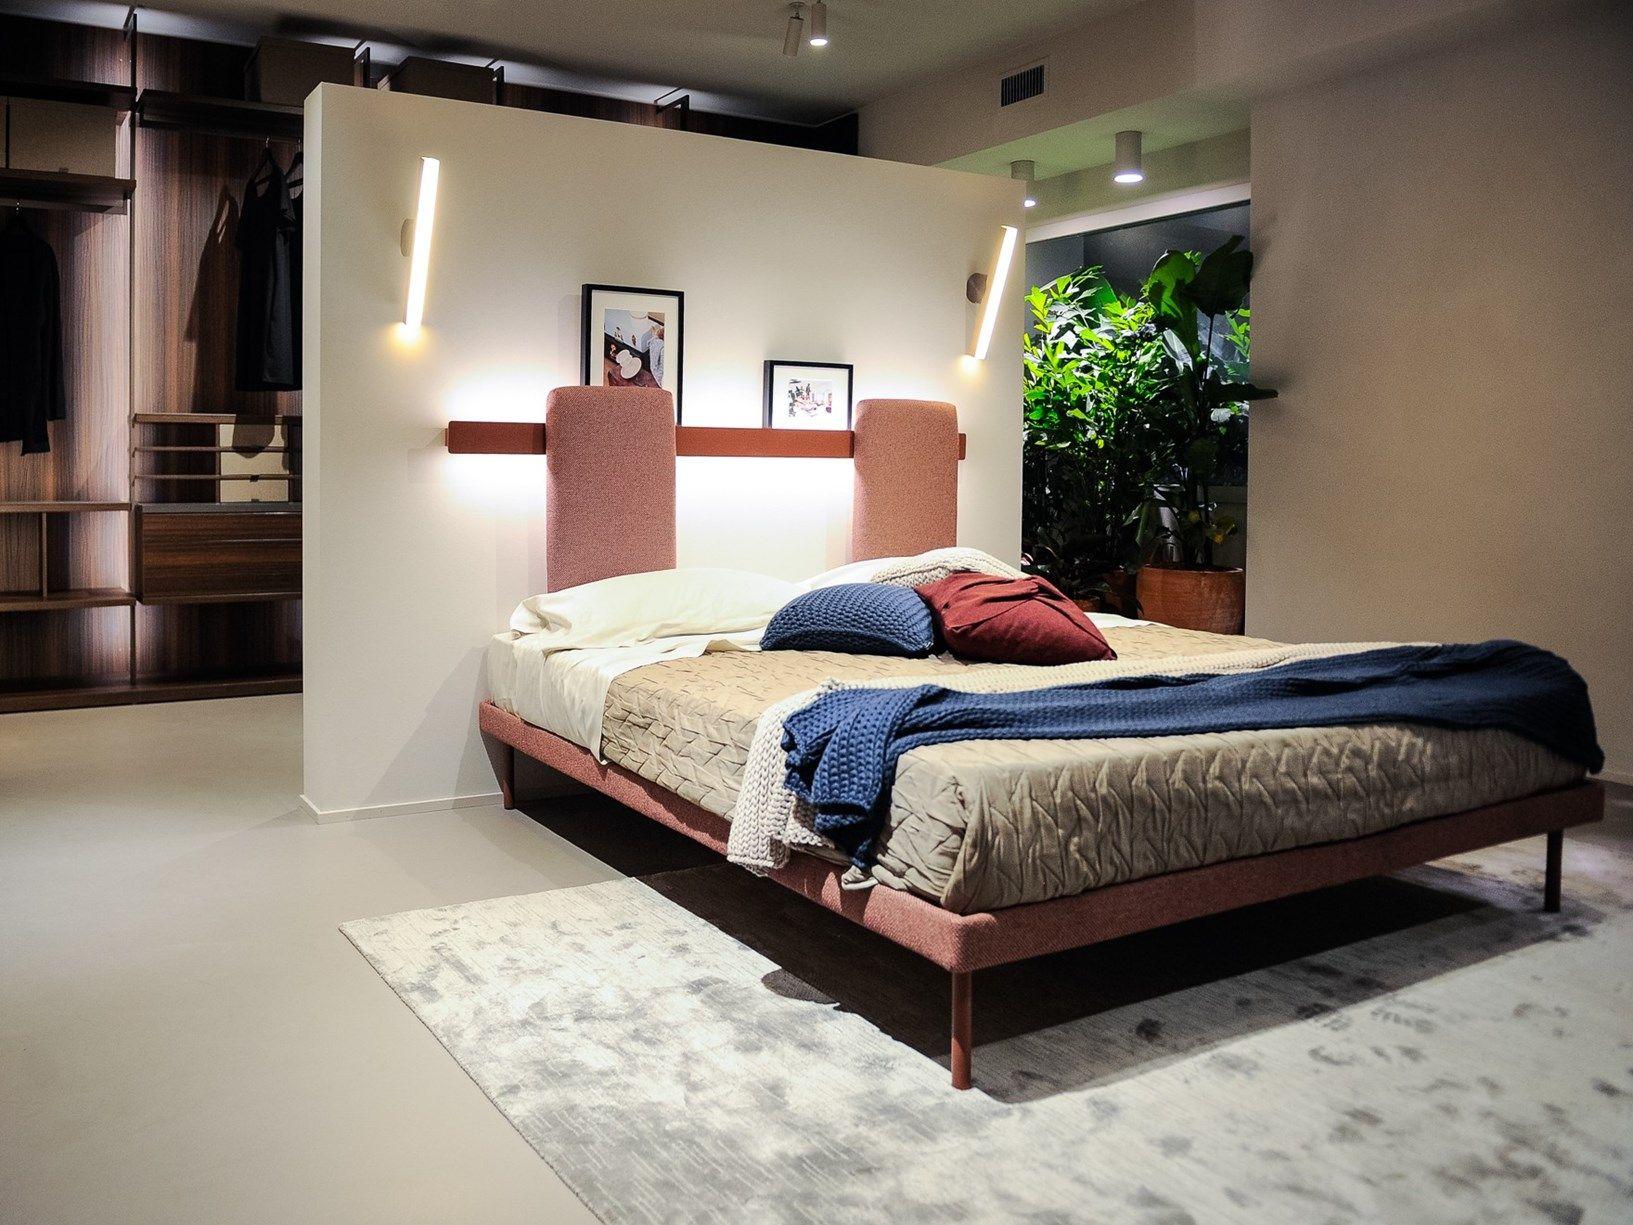 Letto Ad Angolo Caccaro : Caccaro inaugura a milano il suo primo flagship store